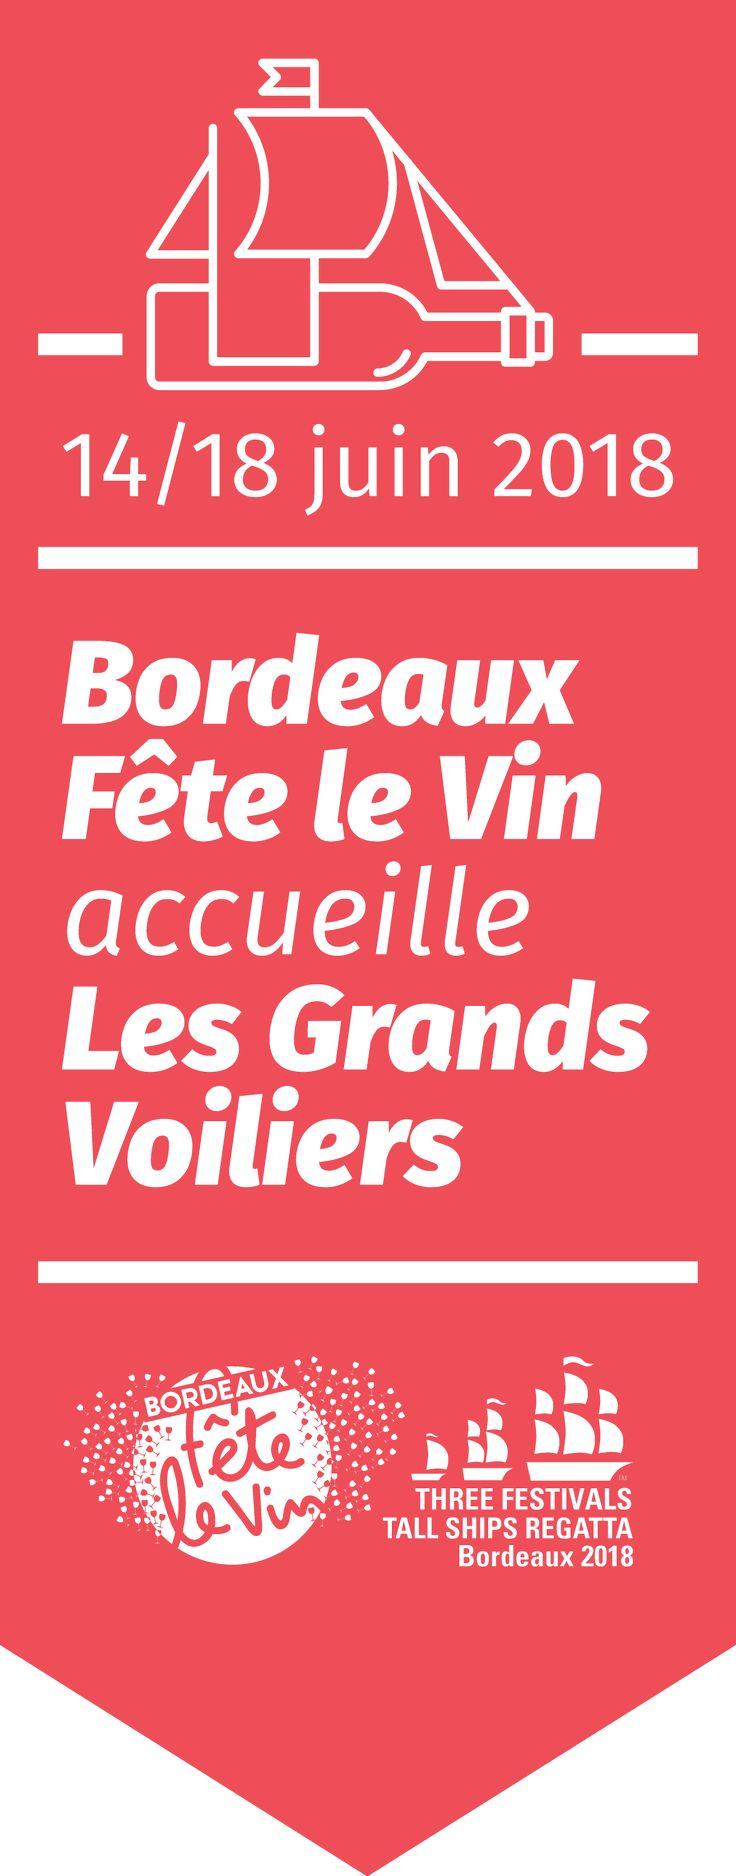 Bordeaux Fête le Vin 2018 : Ouverture en avant-première des ventes en ligne des Pass Dégustation.                        Ouverture en avant-première des ventes en ligne du Pass Dégustation              L'édition 2018 de Bordeaux Fête le Vin 2018 s'annonce inédite,unique et